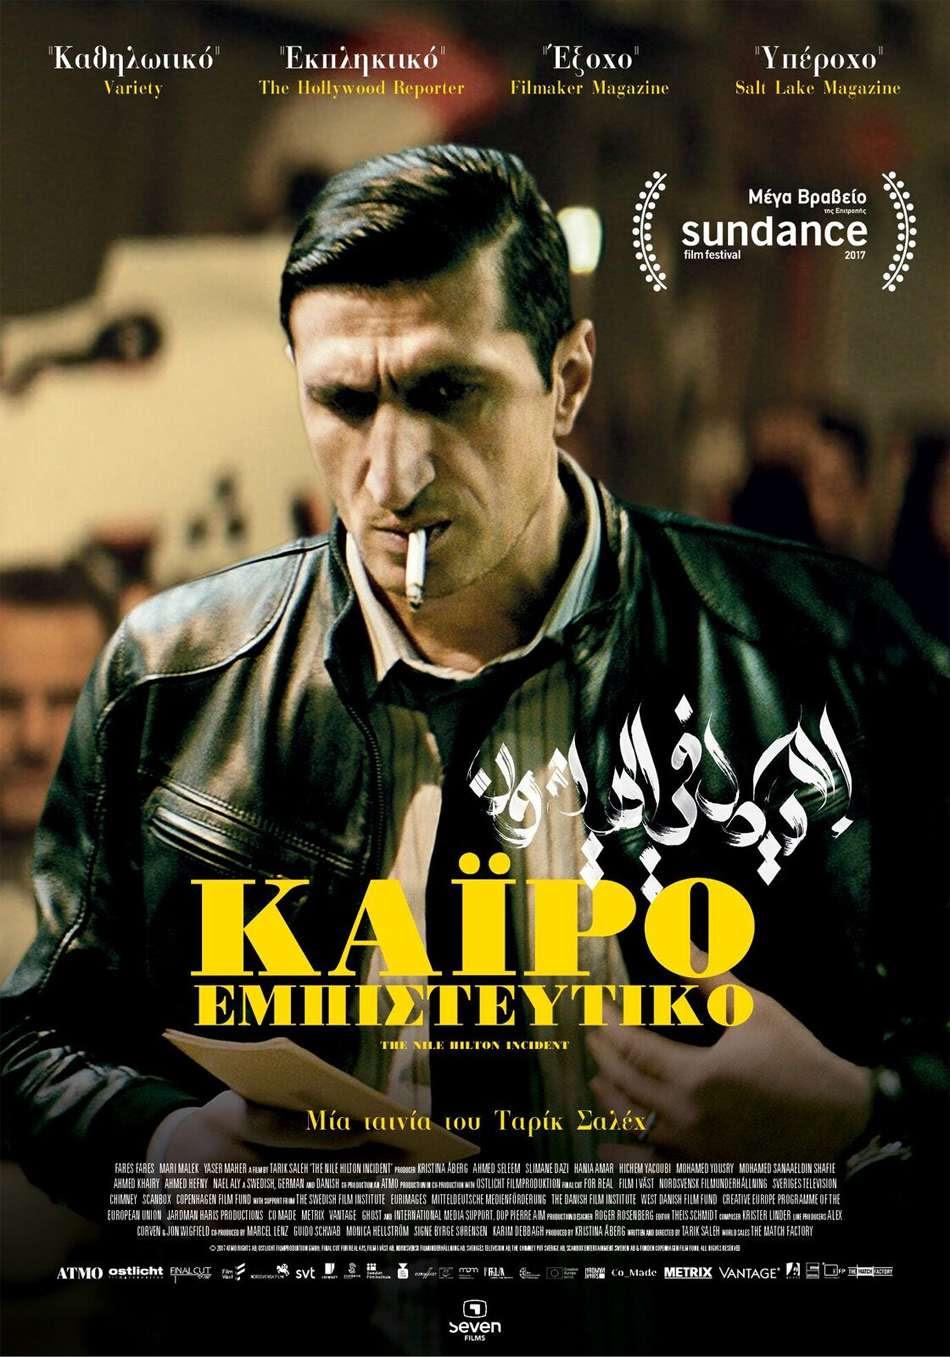 Κάιρο Εμπιστευτικό (The Nile Hilton Incident) Poster Πόστερ